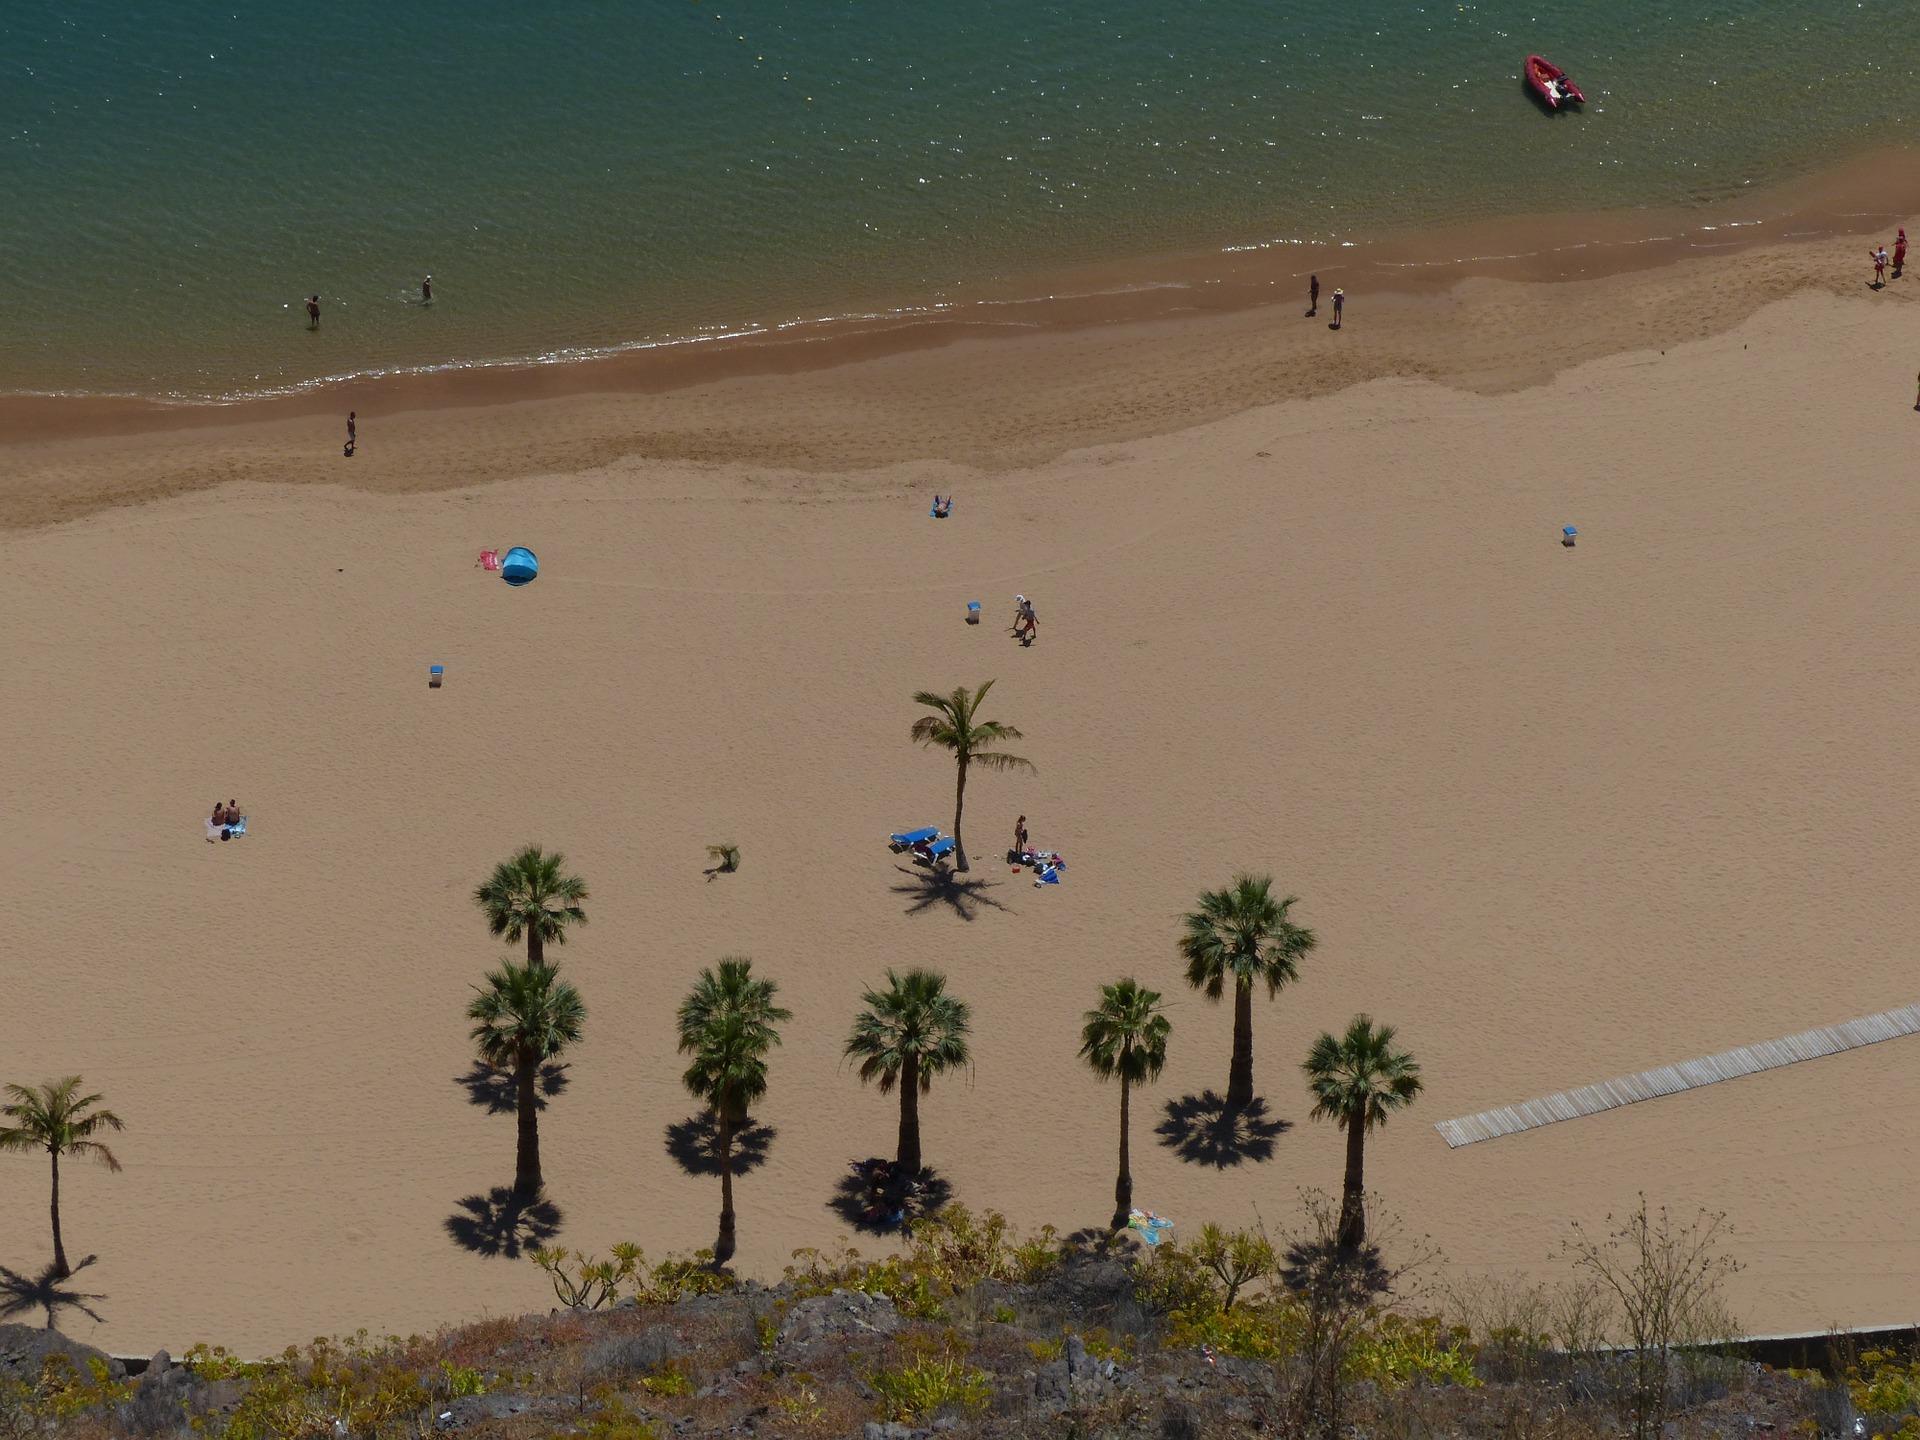 Teneriffa Strände - Strand, Palmen, Meer